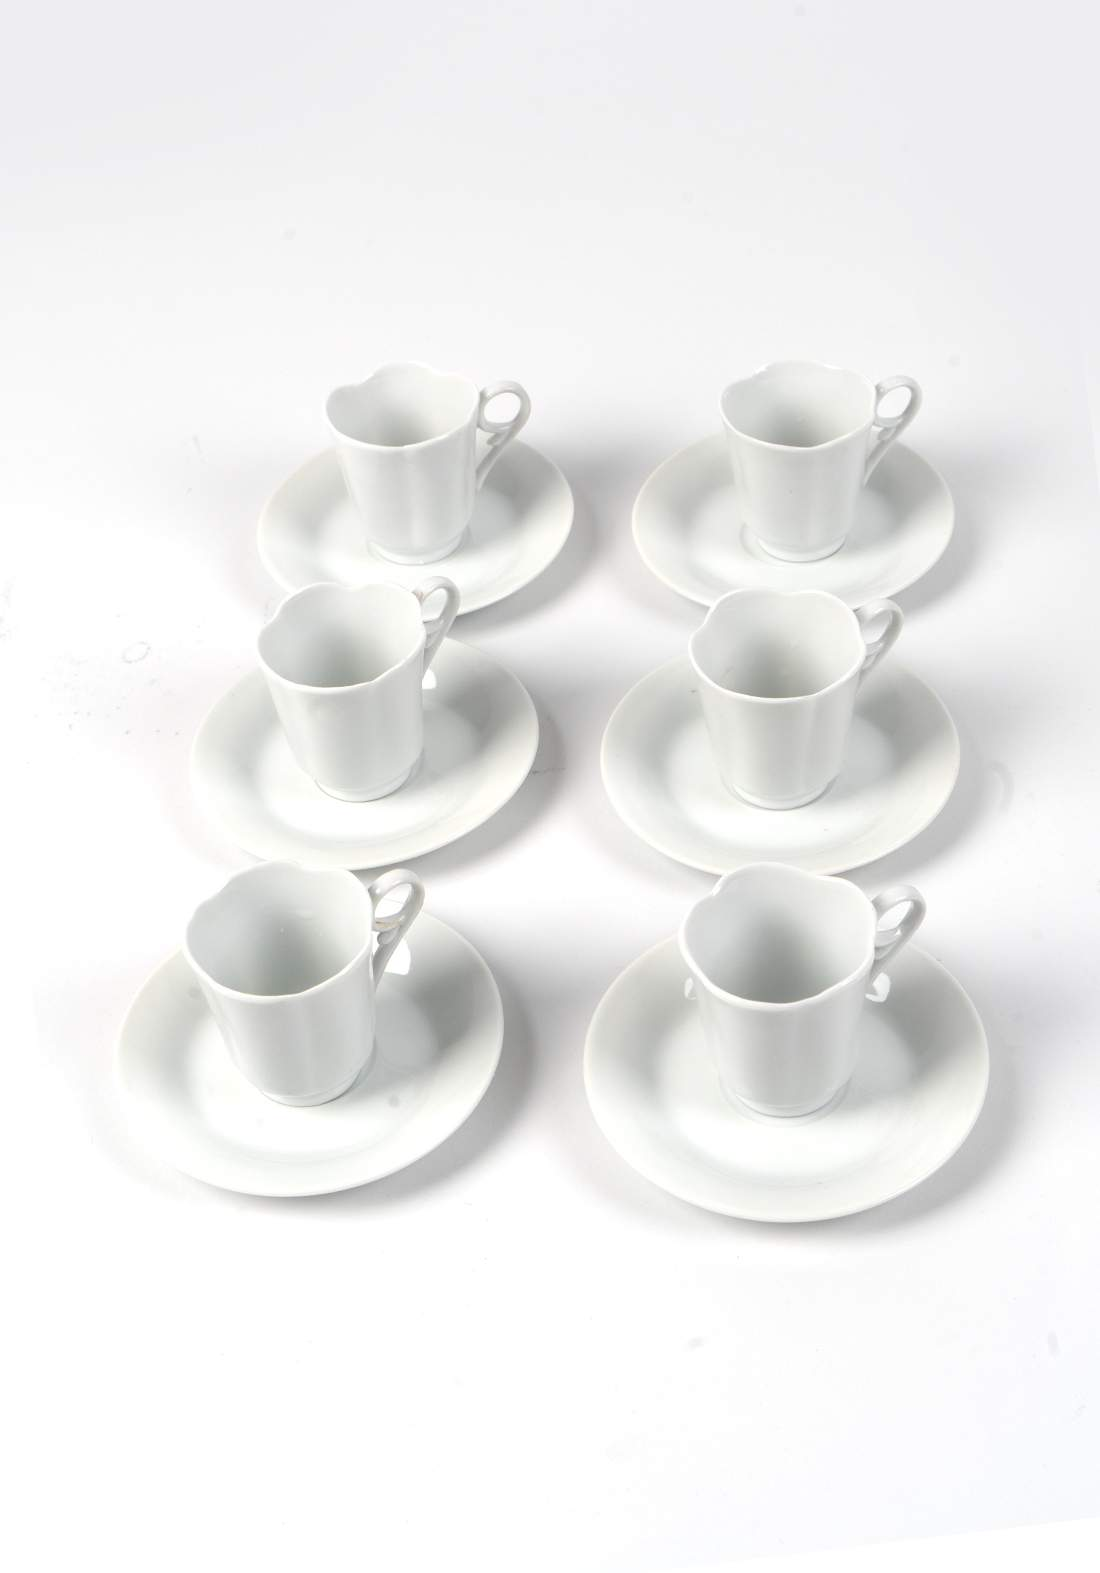 طقم فناجين قهوة مع صحون مكون من 6 قطع ابيض اللون